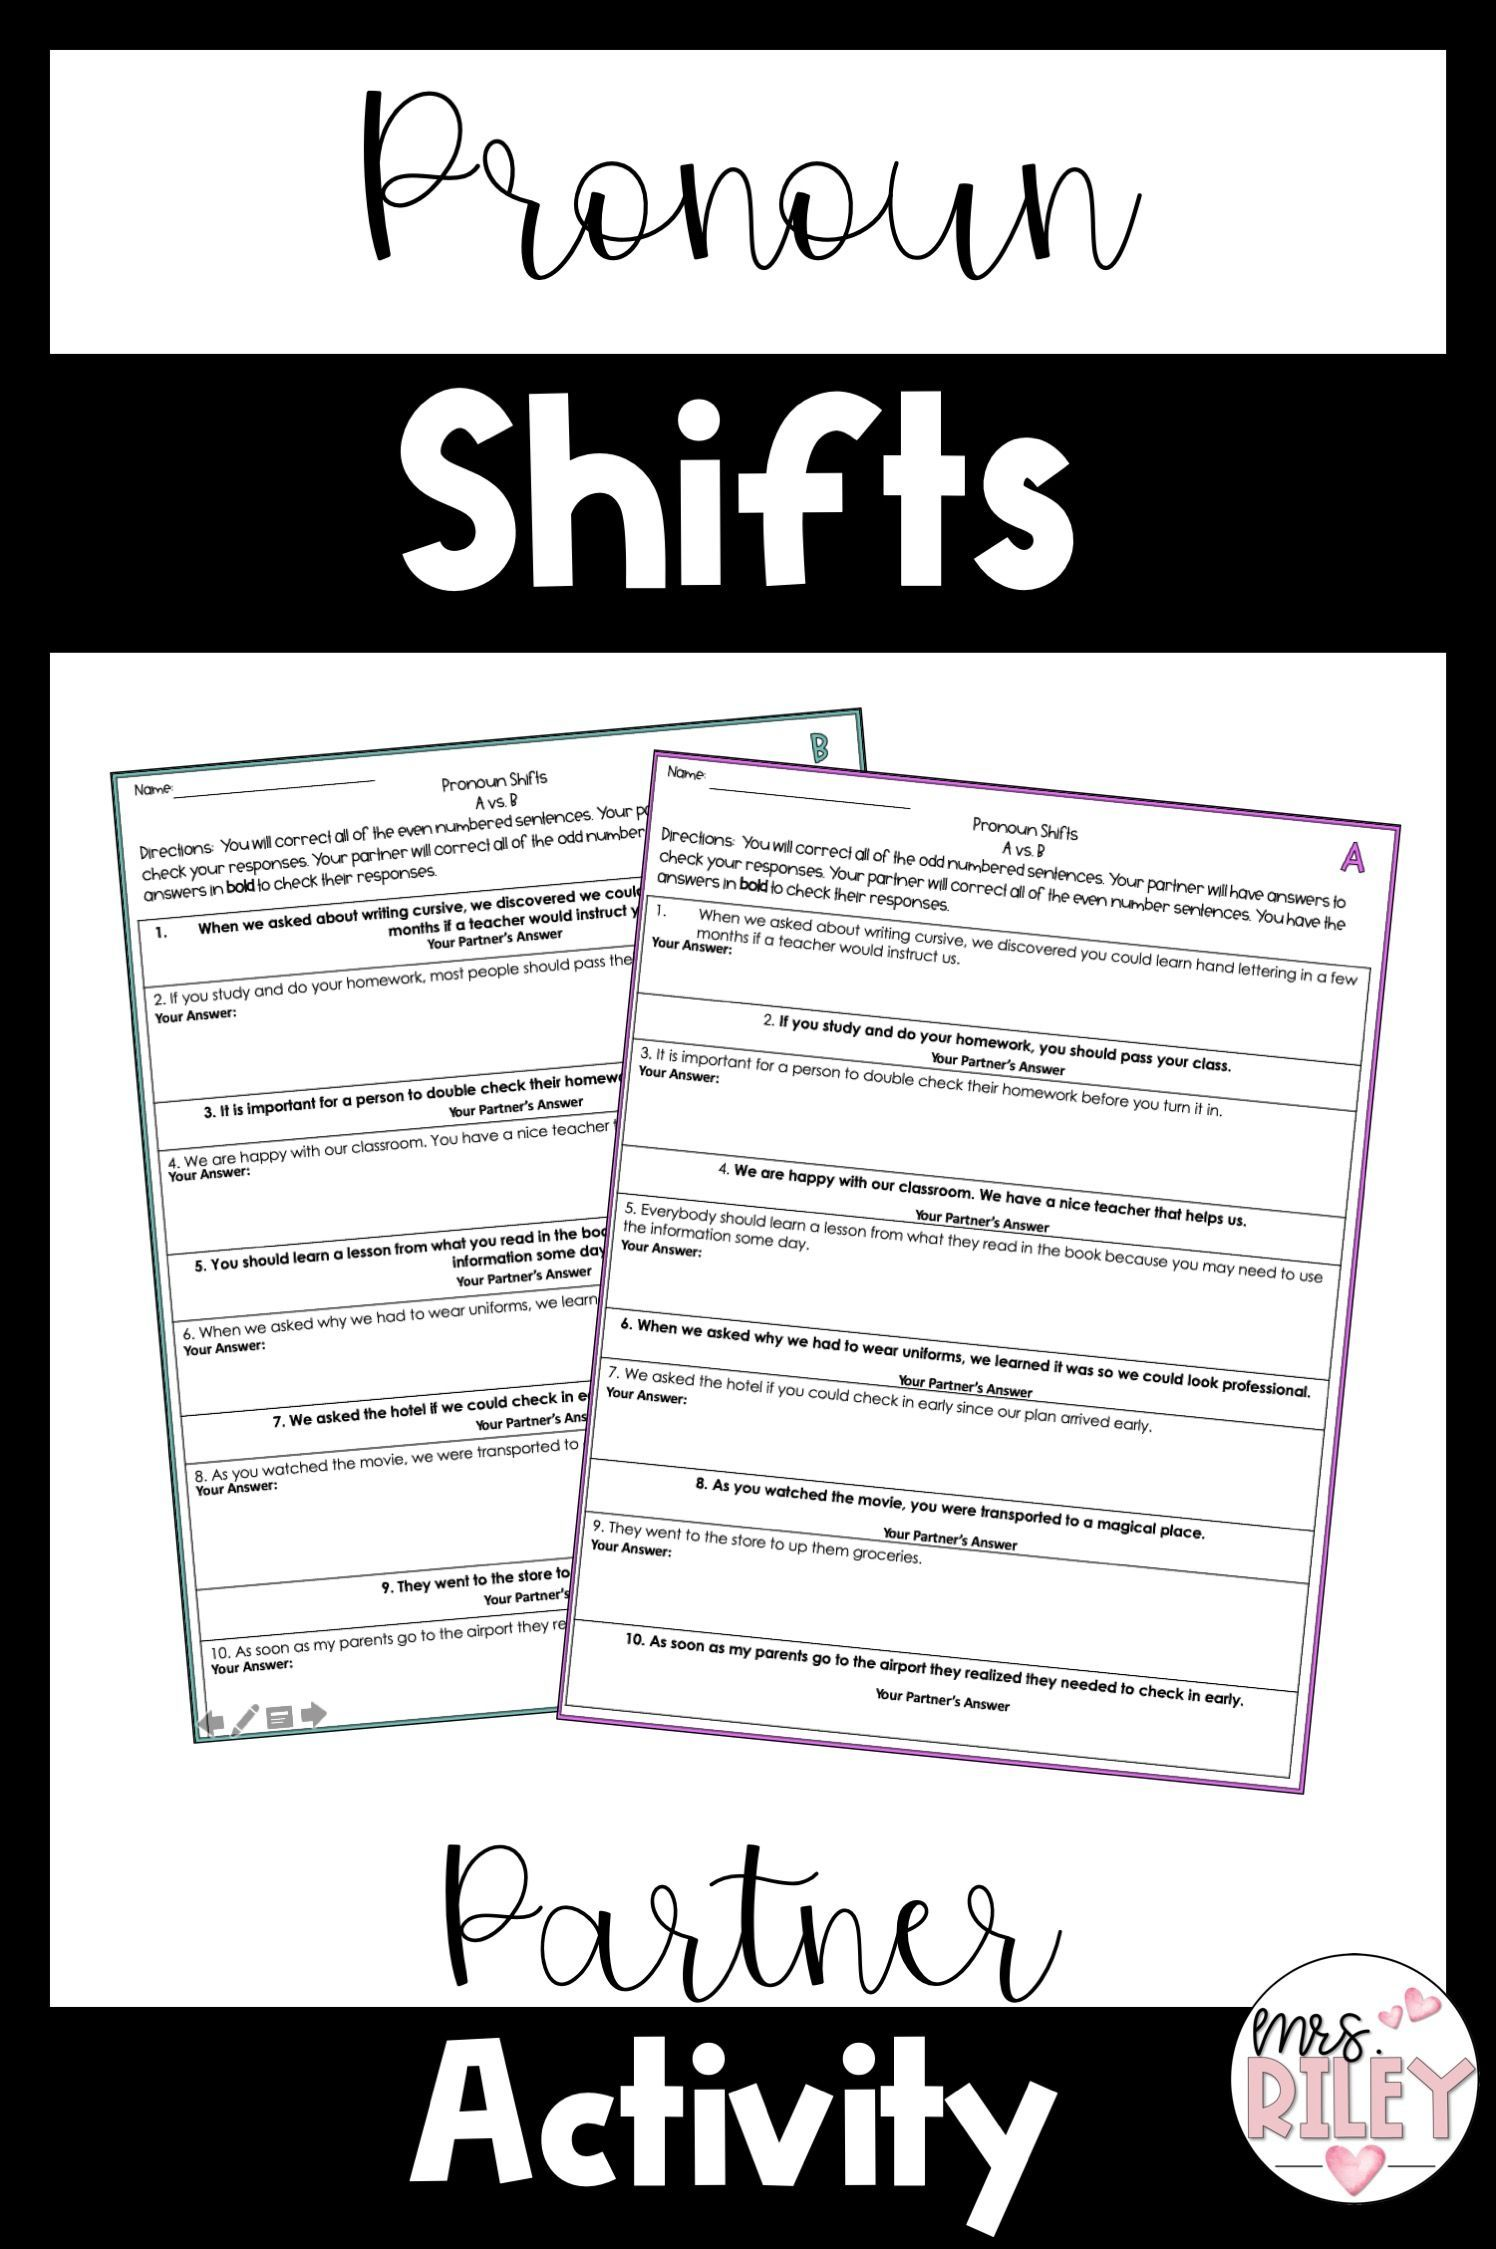 Pronoun Shifts